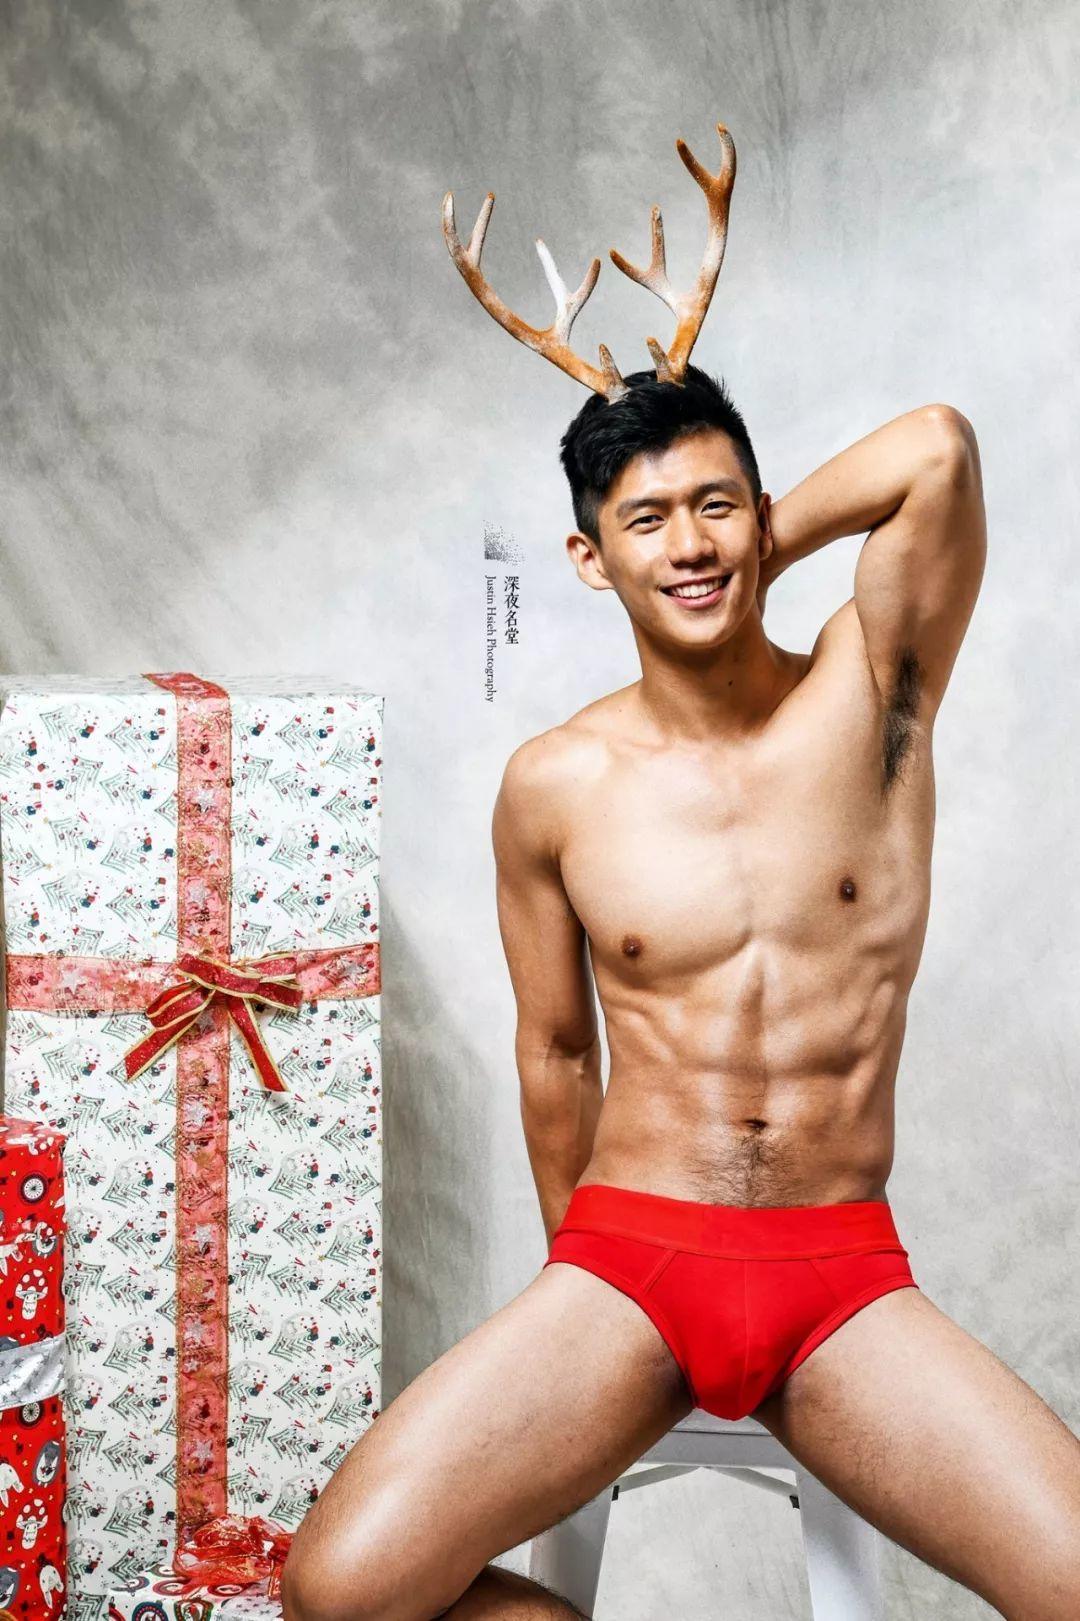 肌肉版圣诞老人引爆网络,健美身材还代言约会软件~